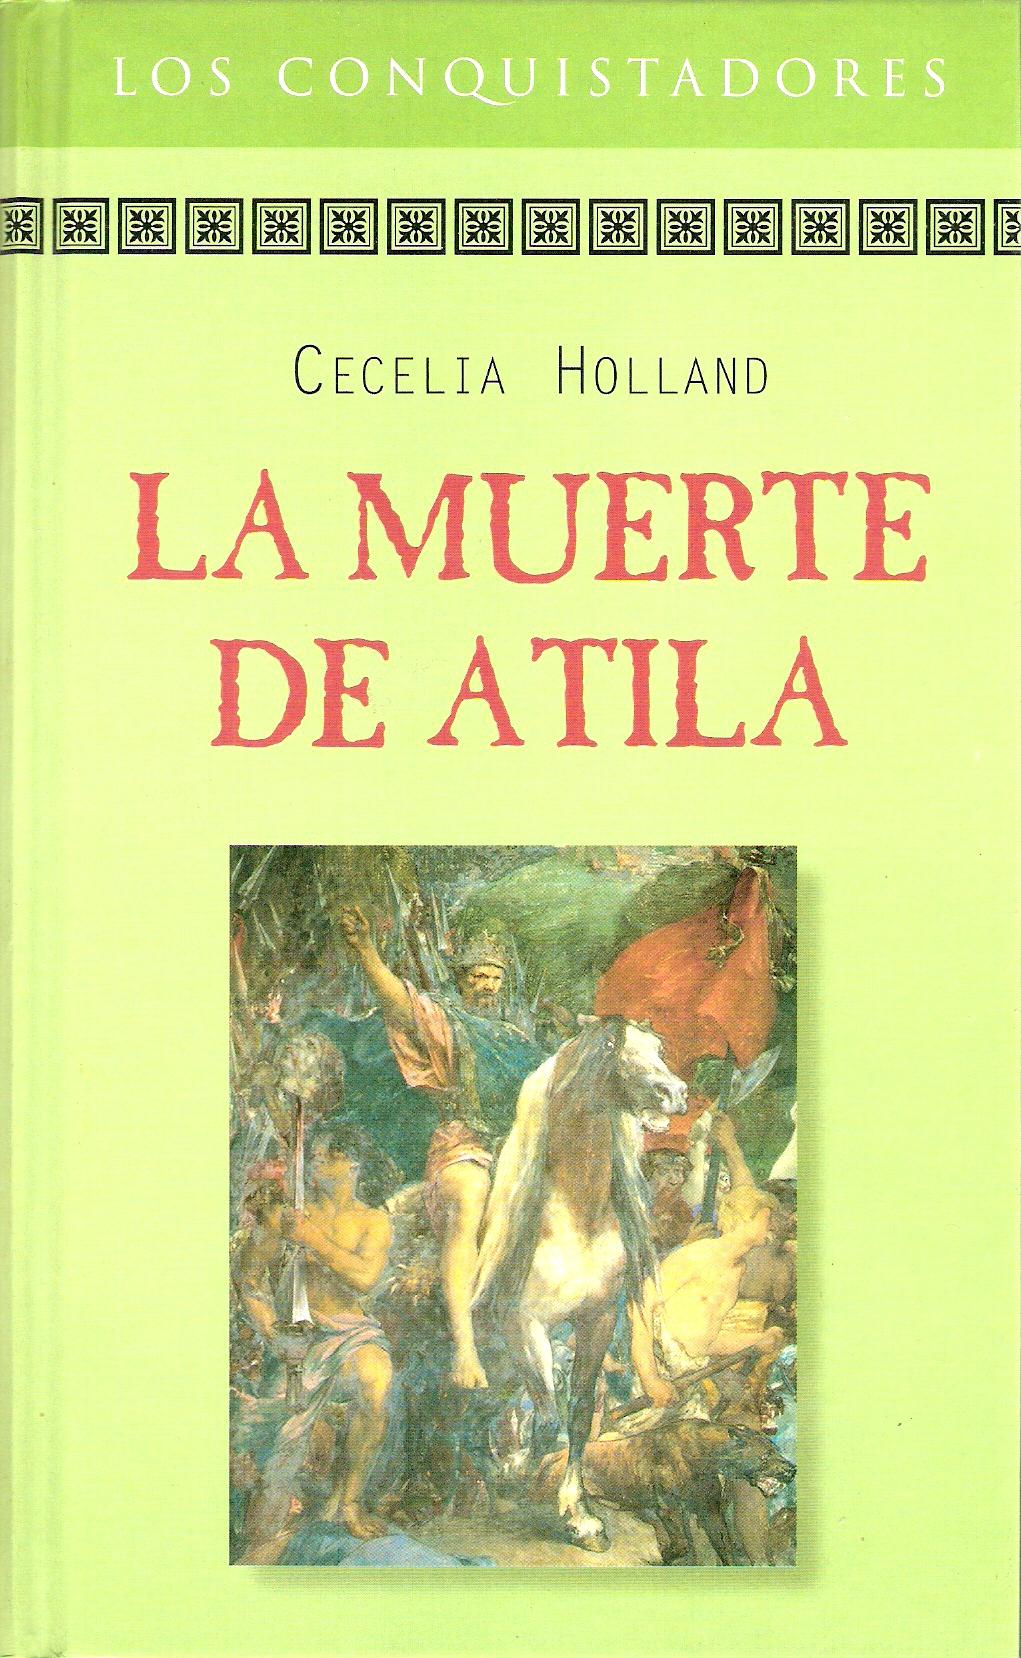 La muerte de Atila